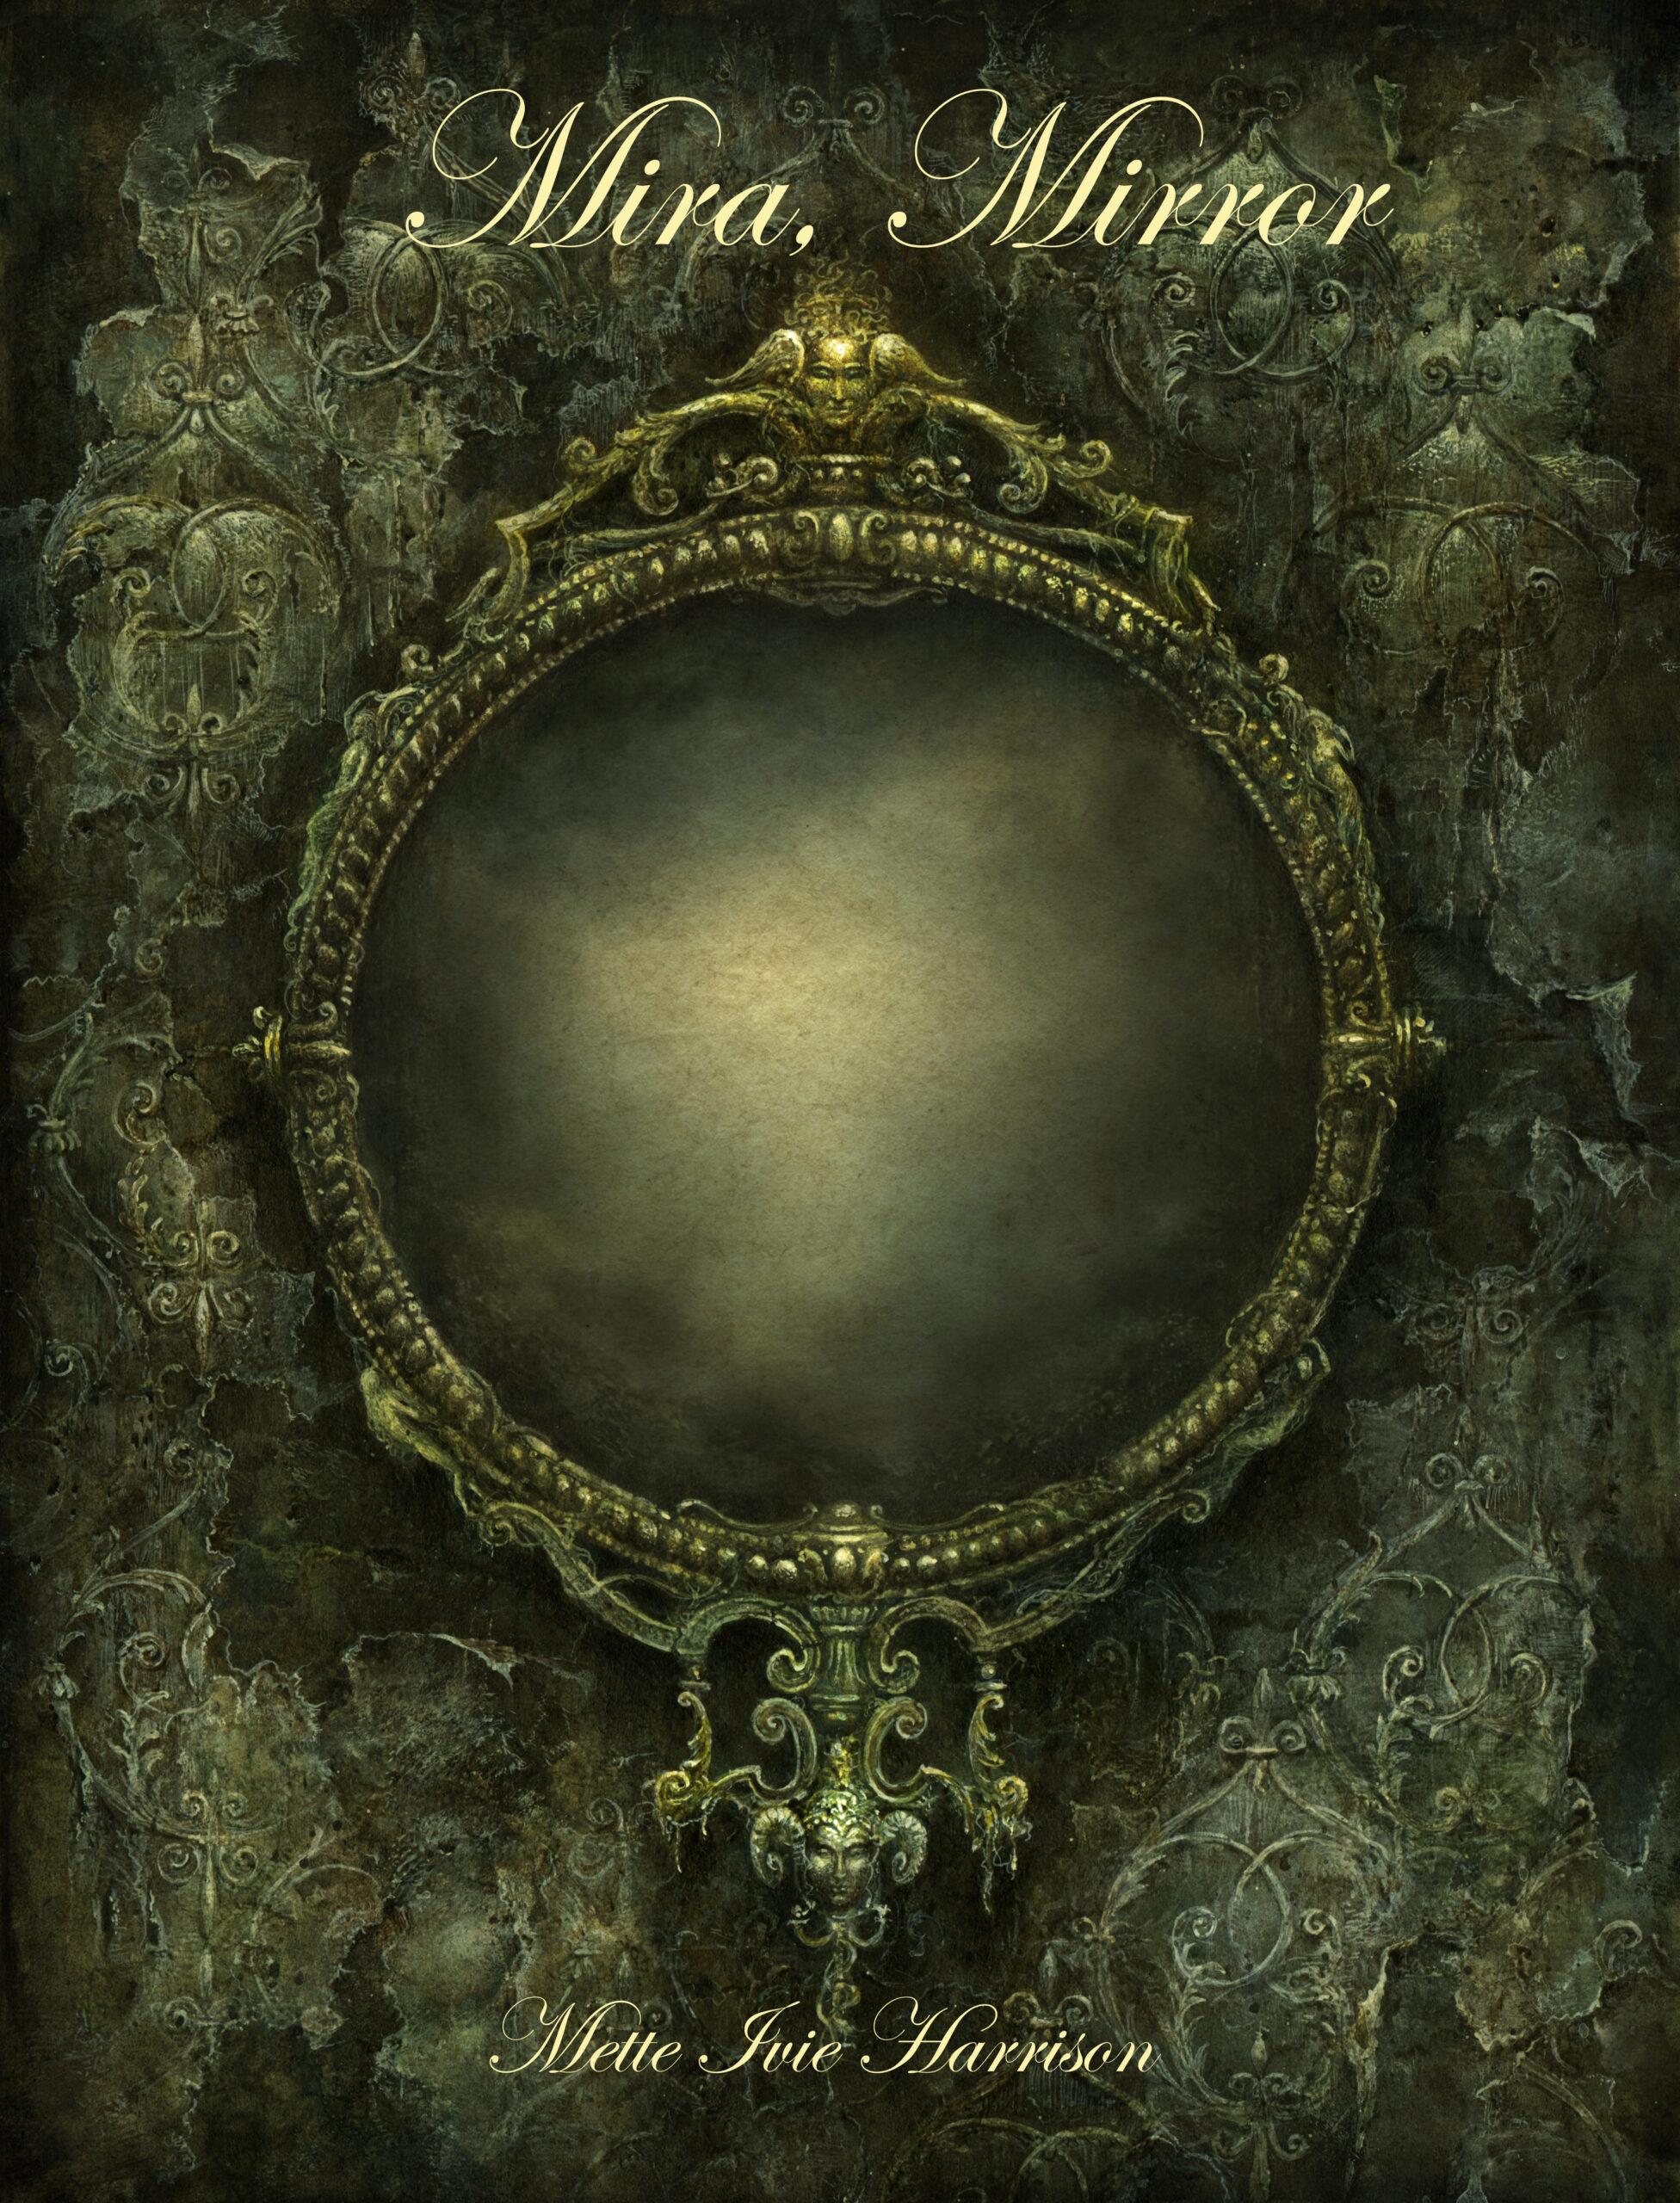 Mira, Mirror